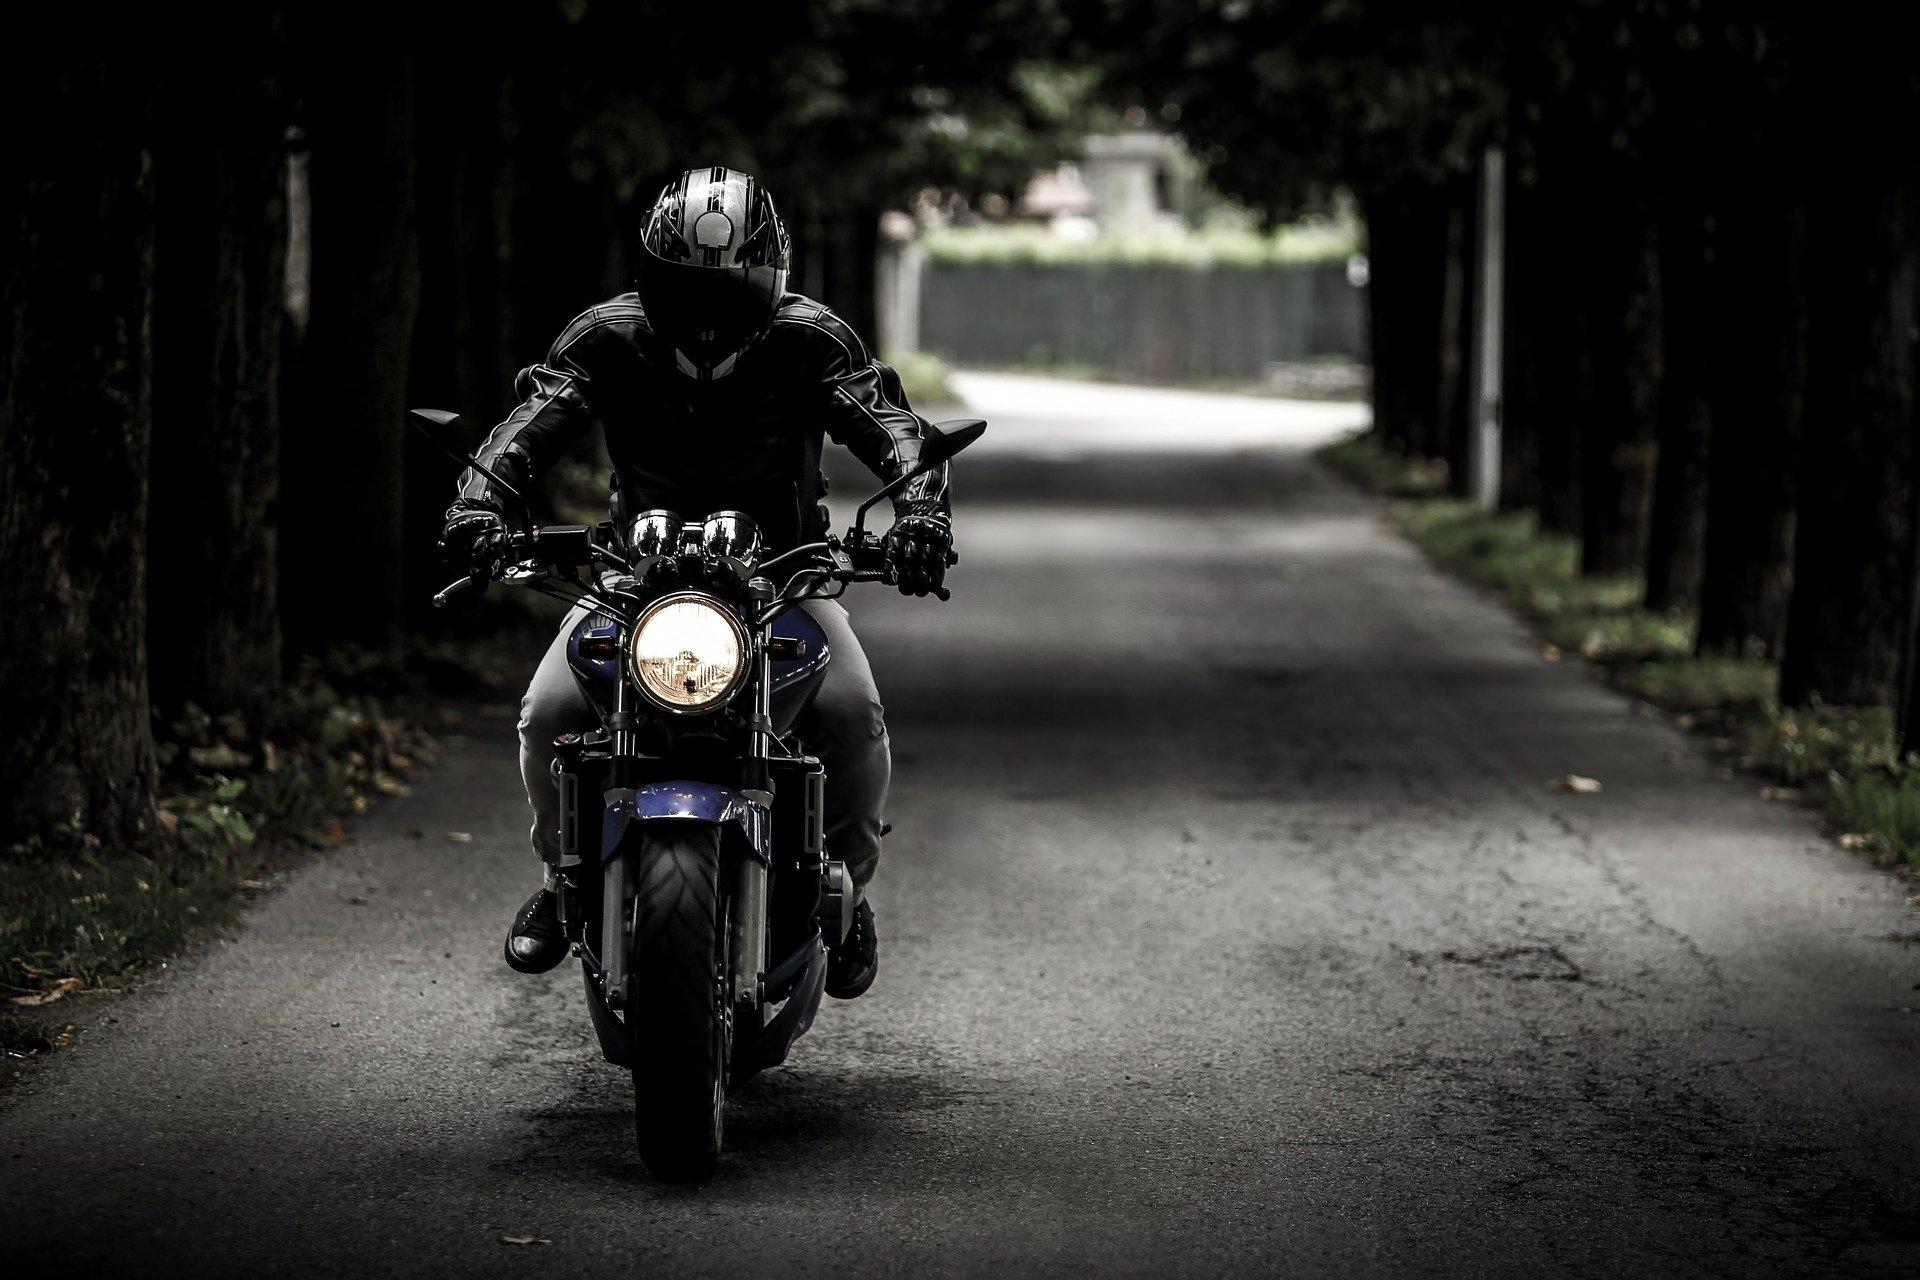 motorbike insurance in spain